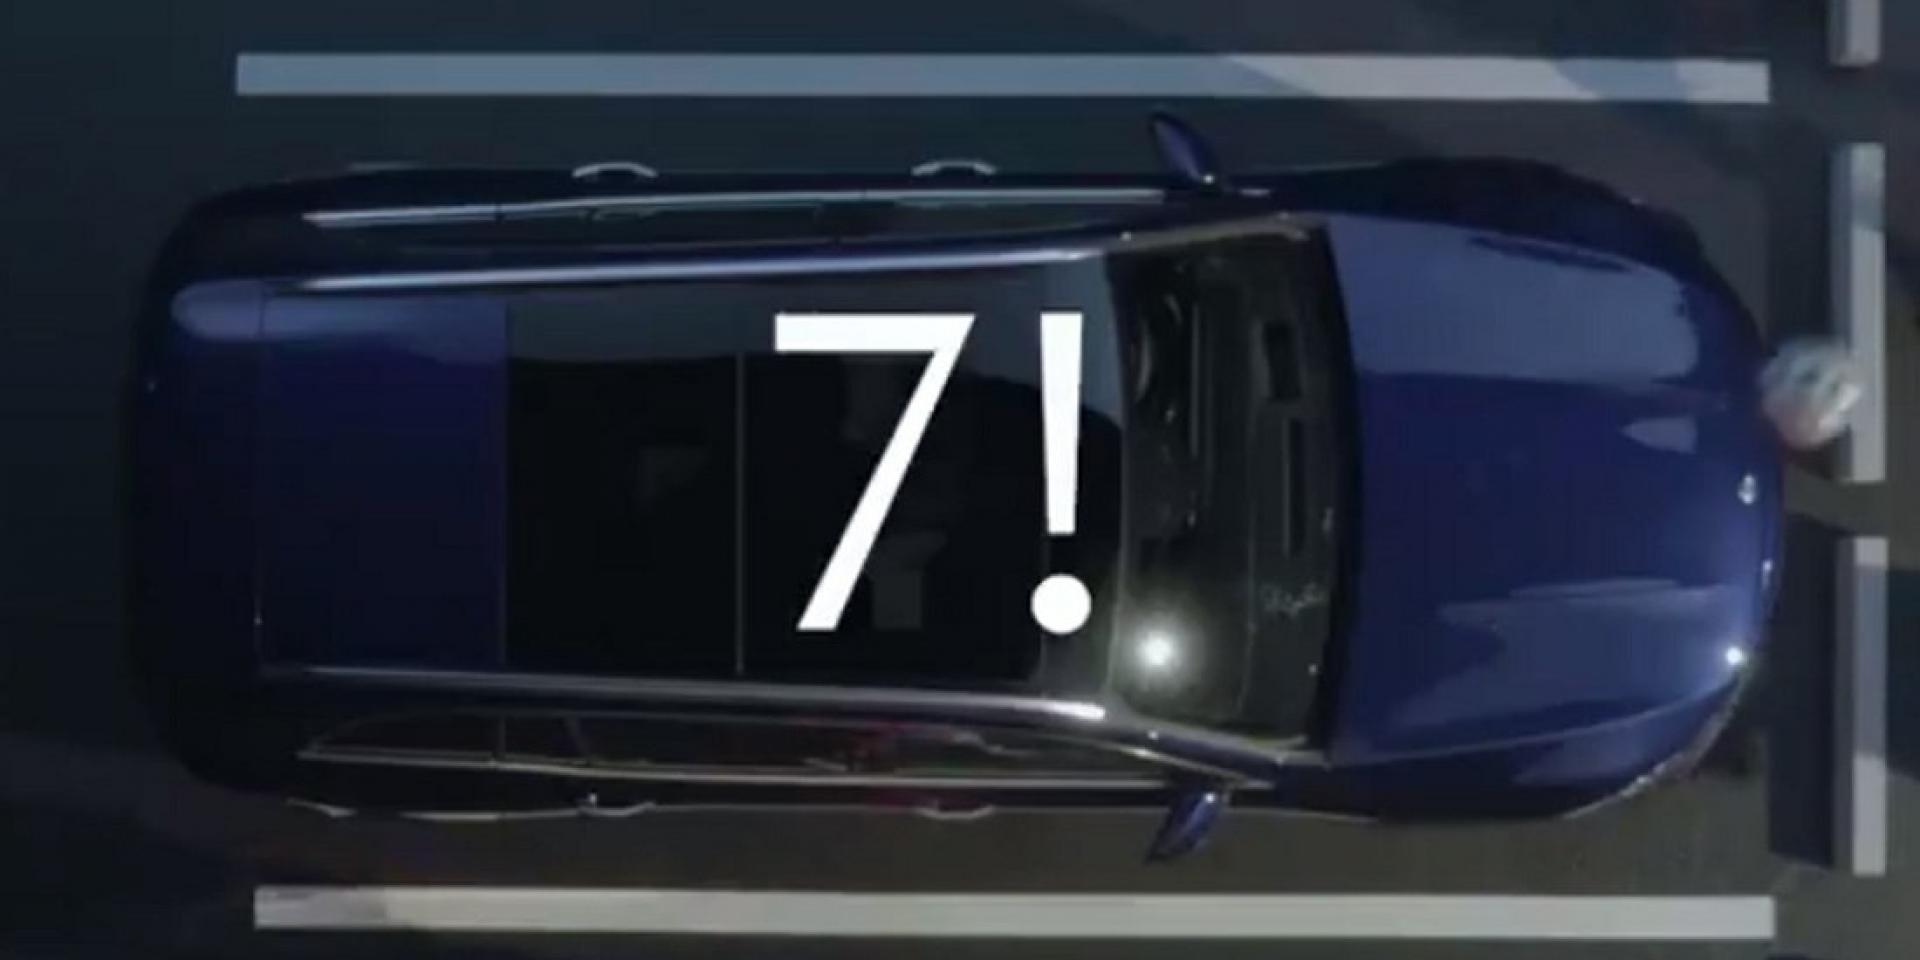 7人座確定!全新Mercedes-Benz GLB即將發表!